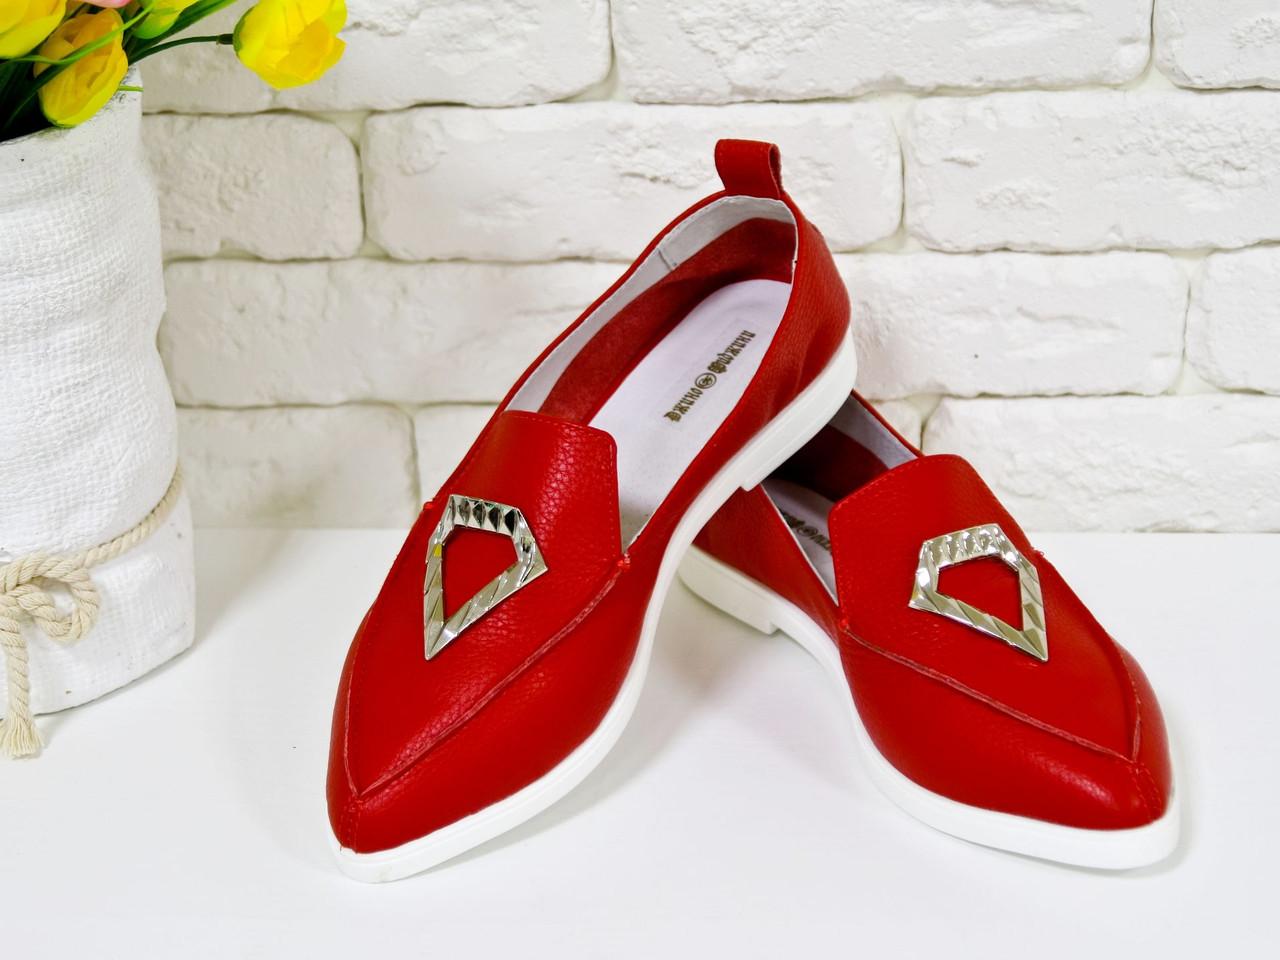 Купить туфли красного цвета в интернет магазине